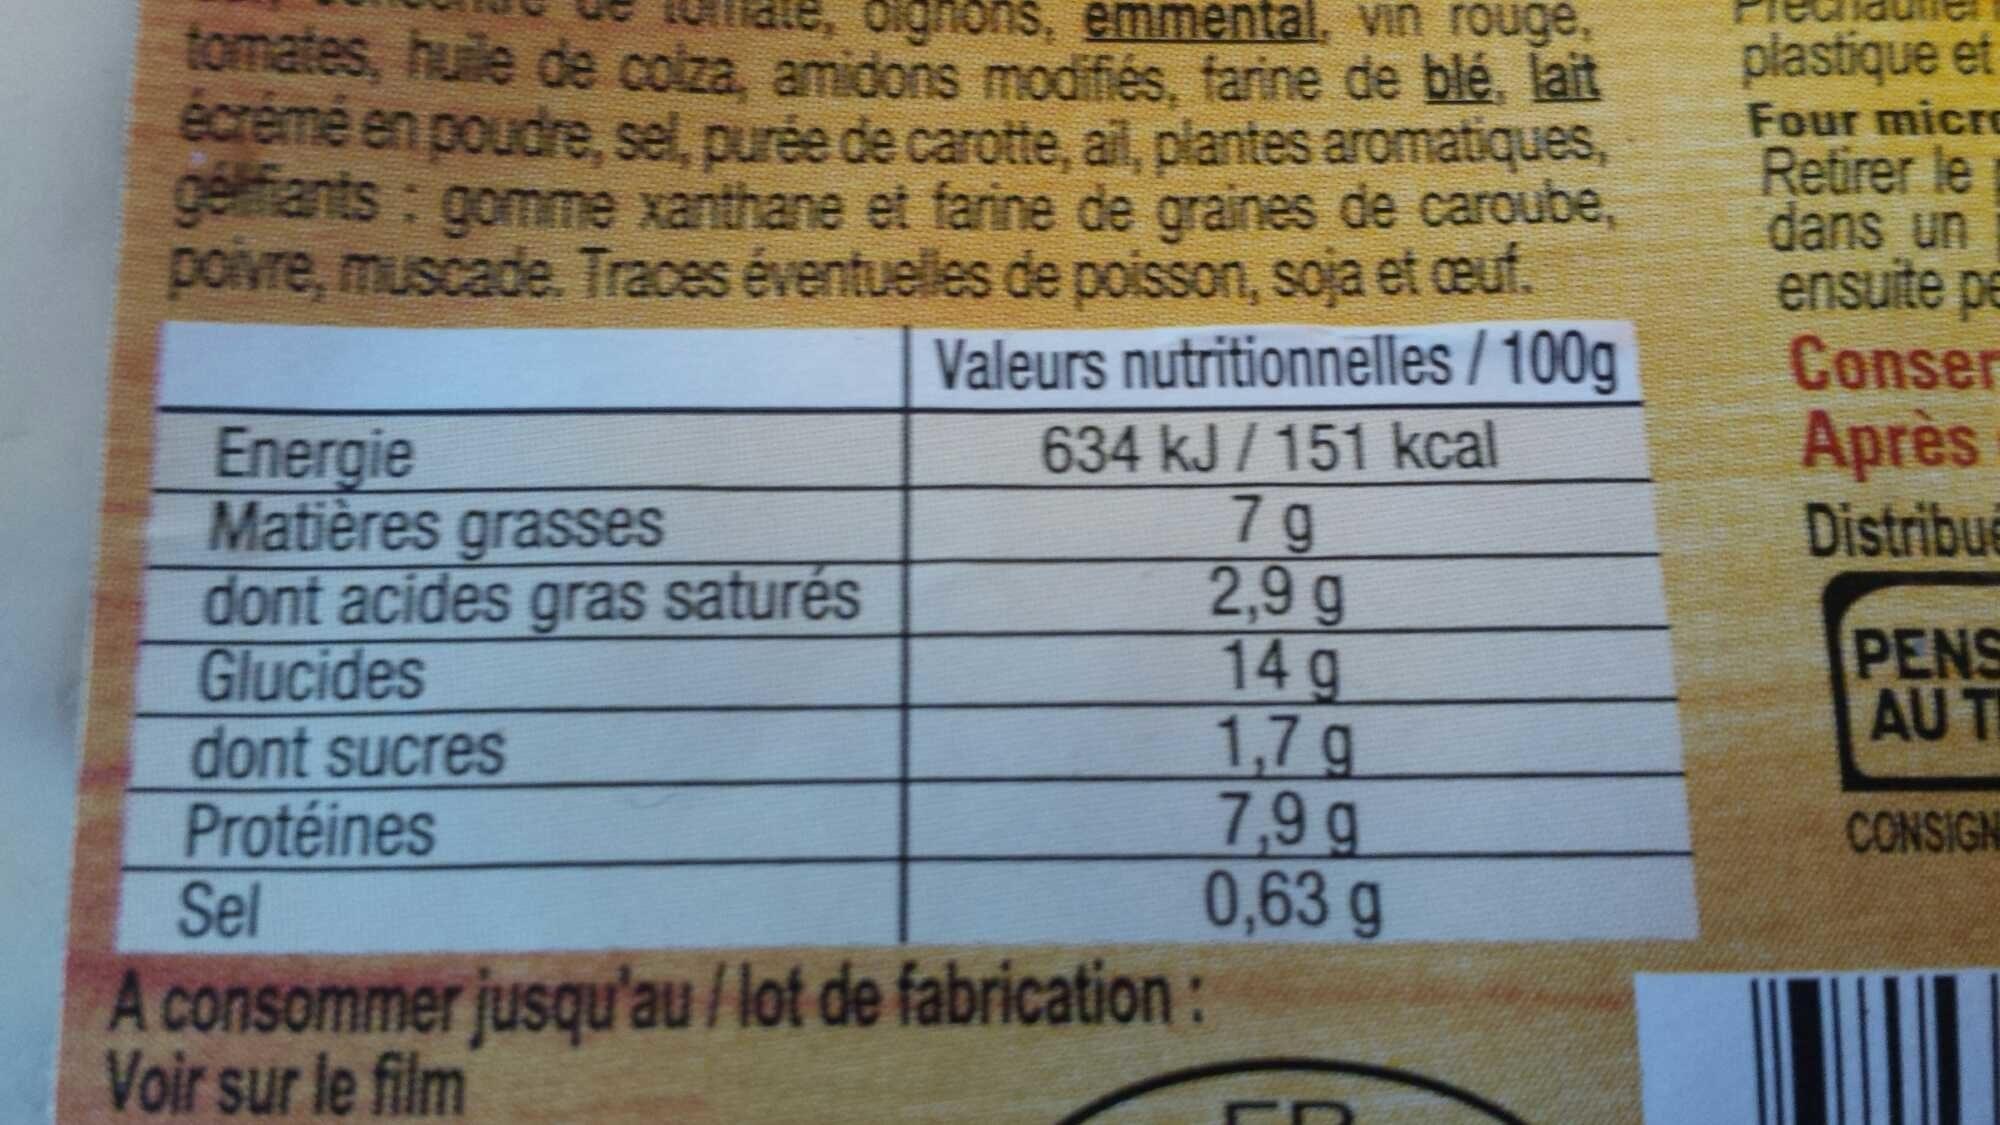 Lasagne Bolognaise - Voedingswaarden